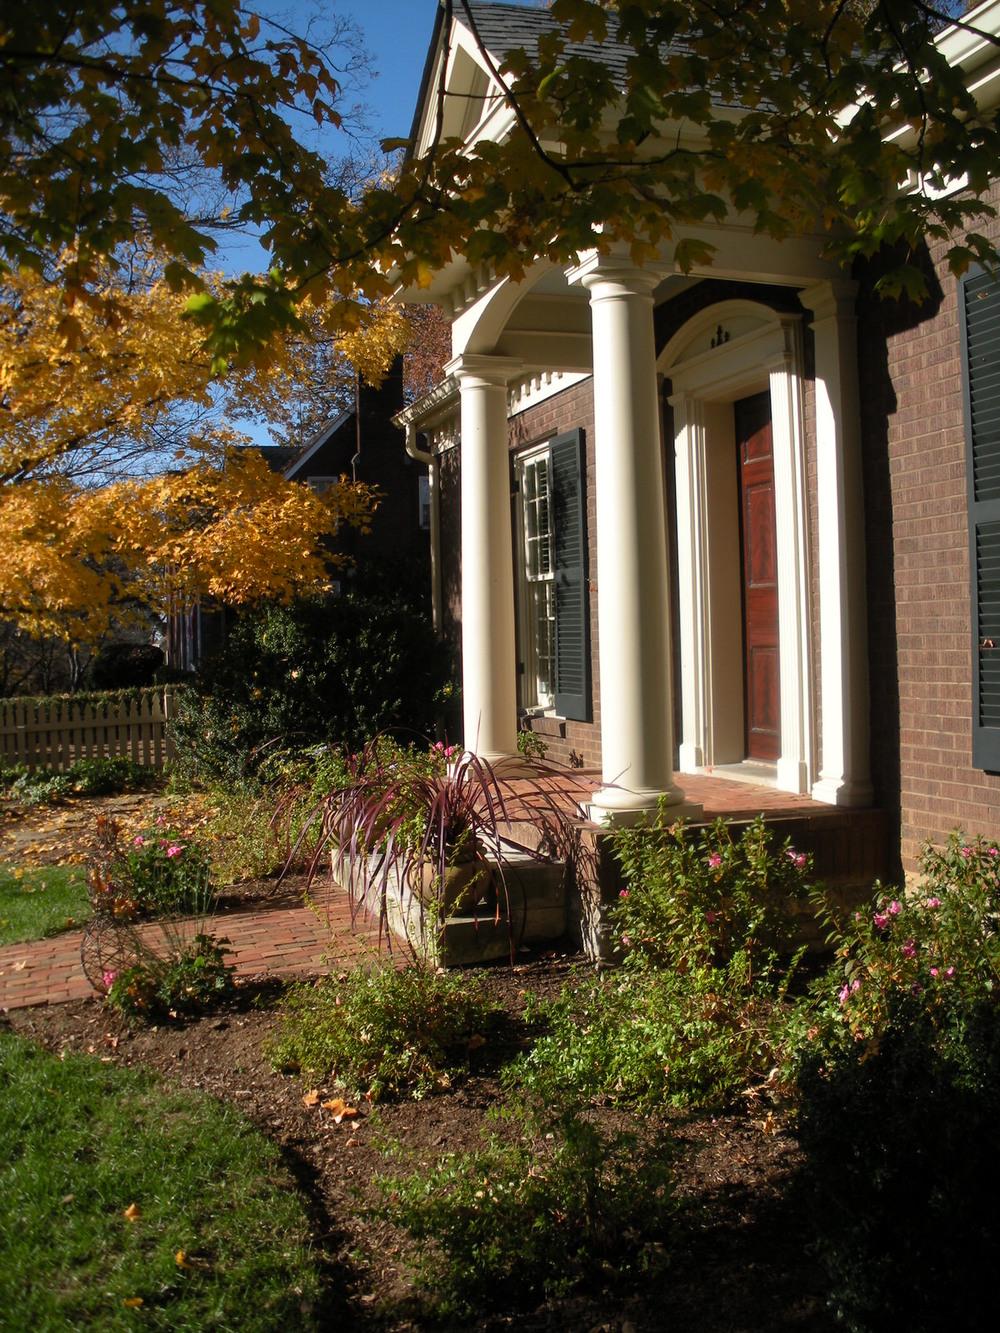 Justin Stelter Landscape Gardening - Cottage Garden - 4148858559_963dbaa424_o.jpg